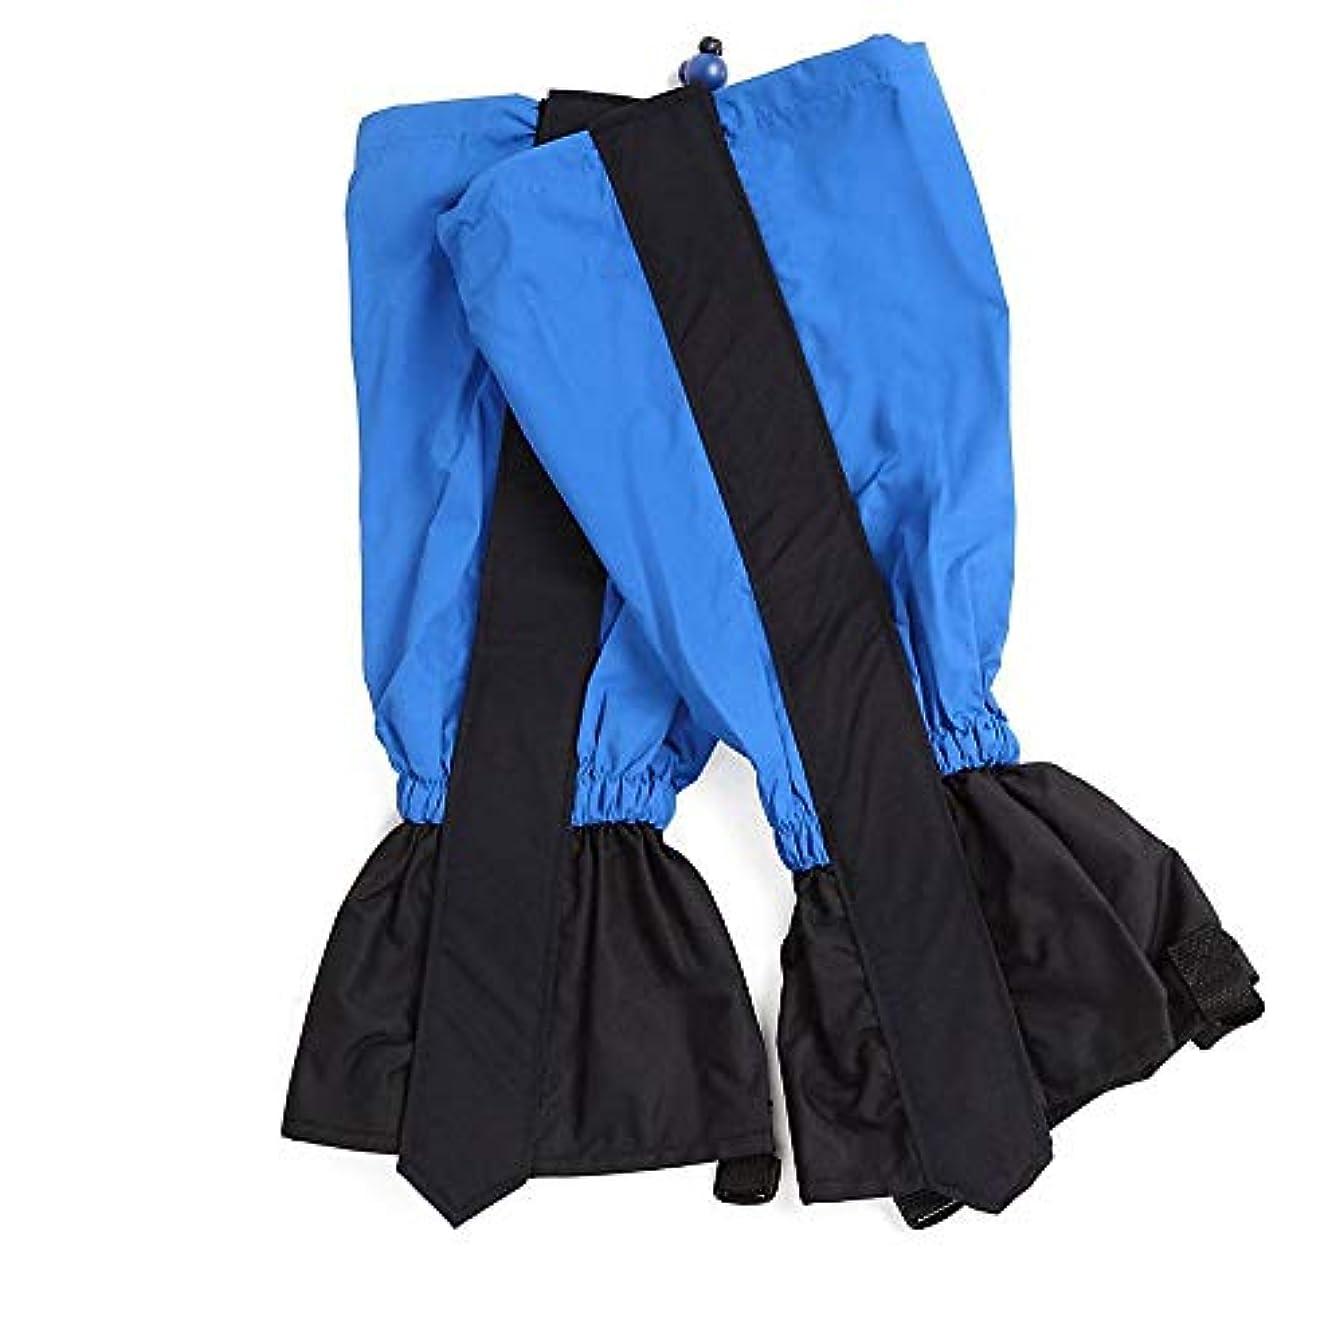 お母さんバッグあいさつSimg 防水 登山ゲイター ショット 泥除け 登山 トレッキング 雨 悪天候の日に 男女兼用